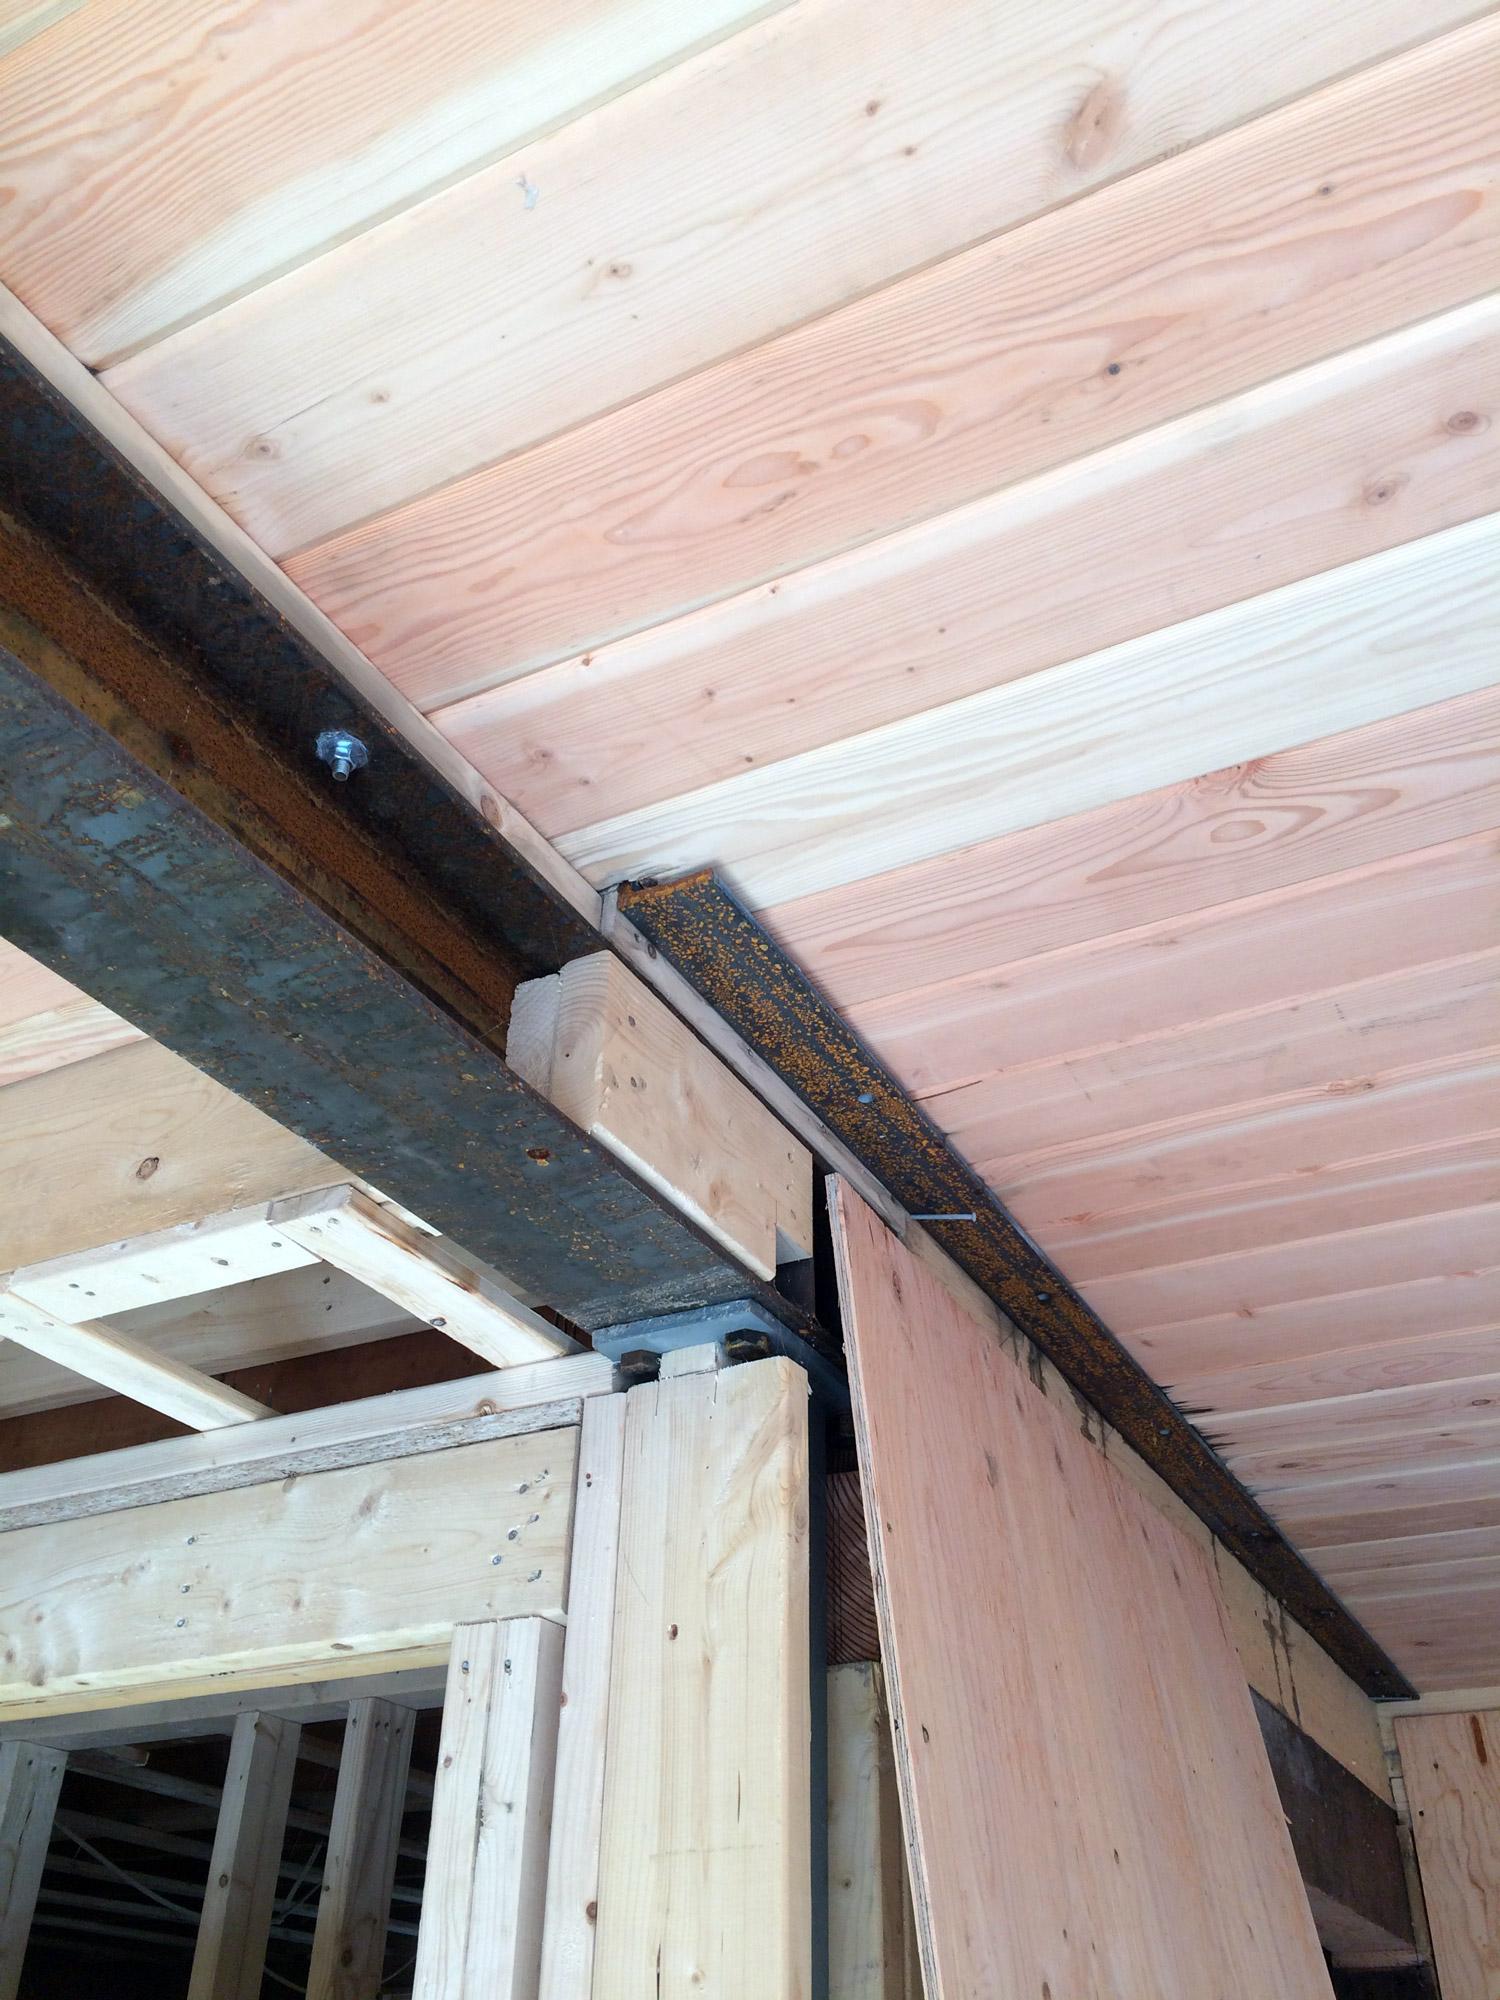 Structural-Wood-2upload.jpg